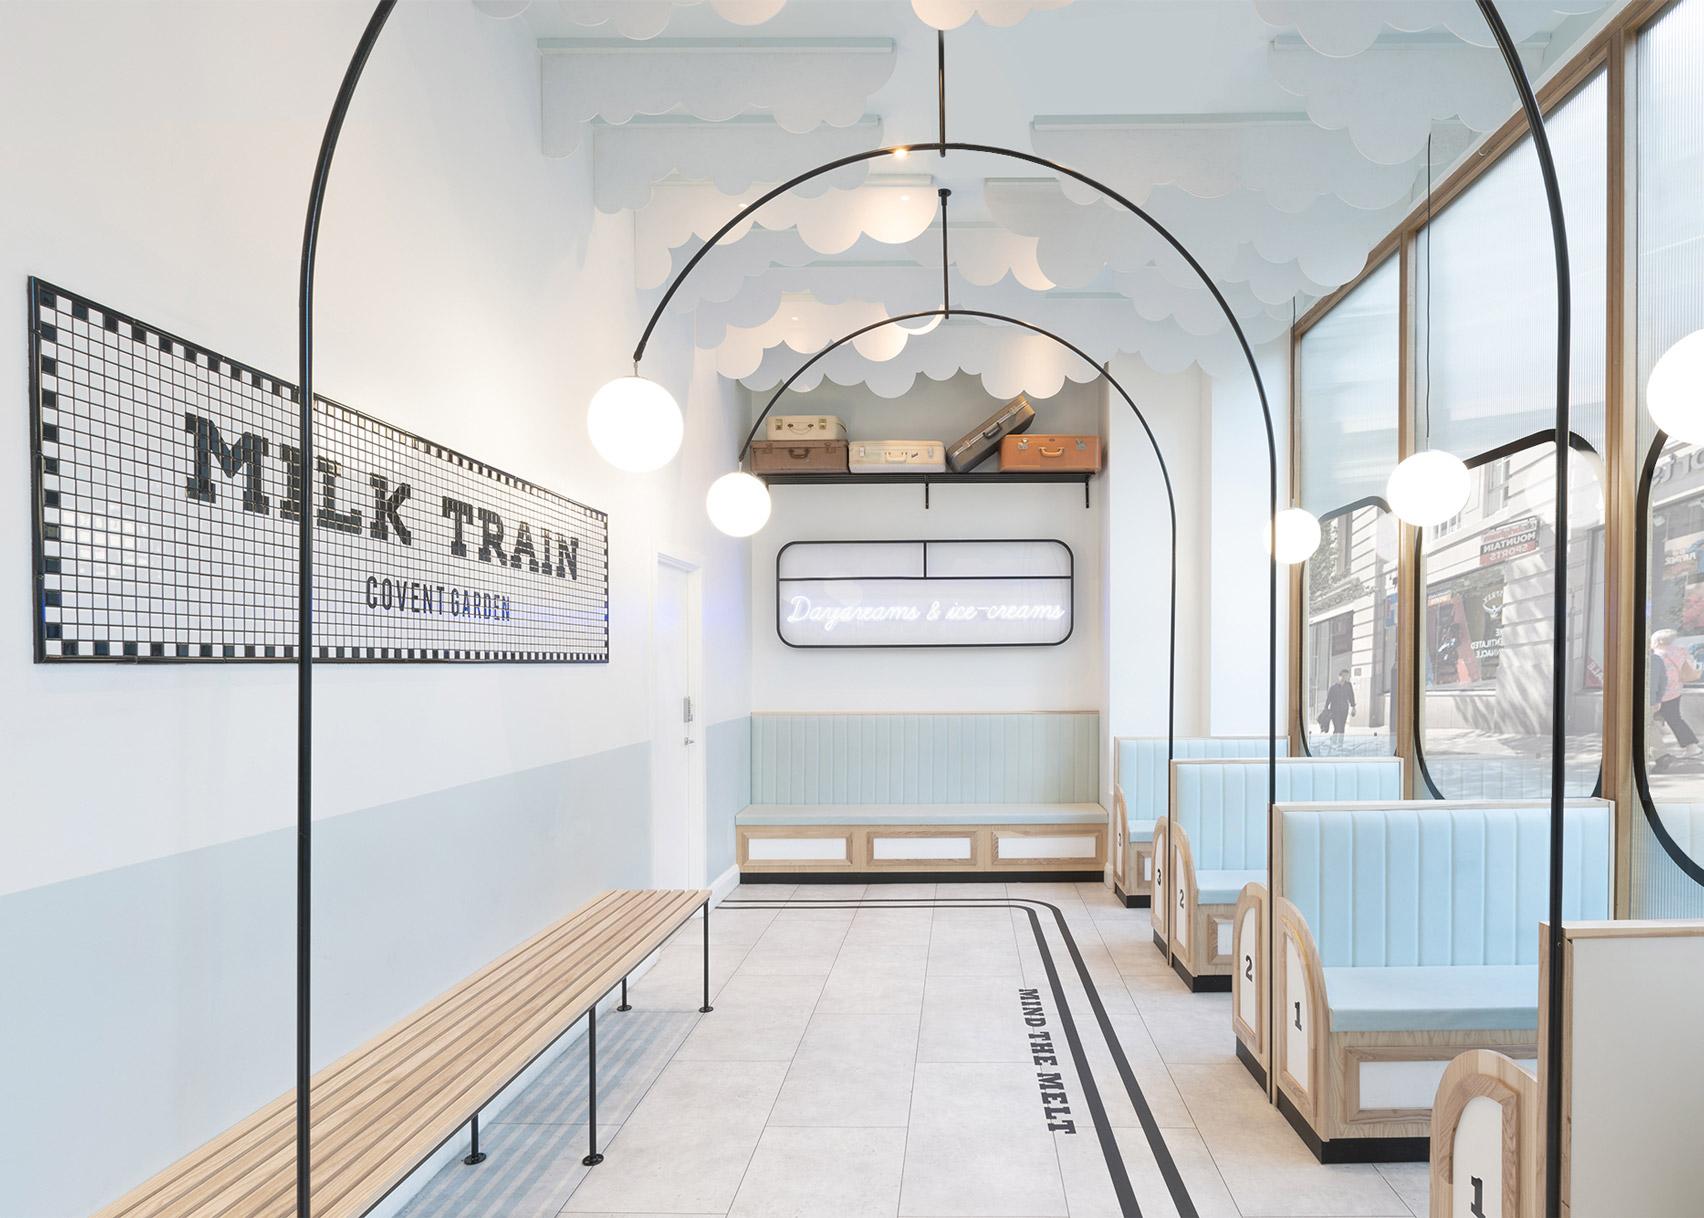 Milk Train by FormRoom